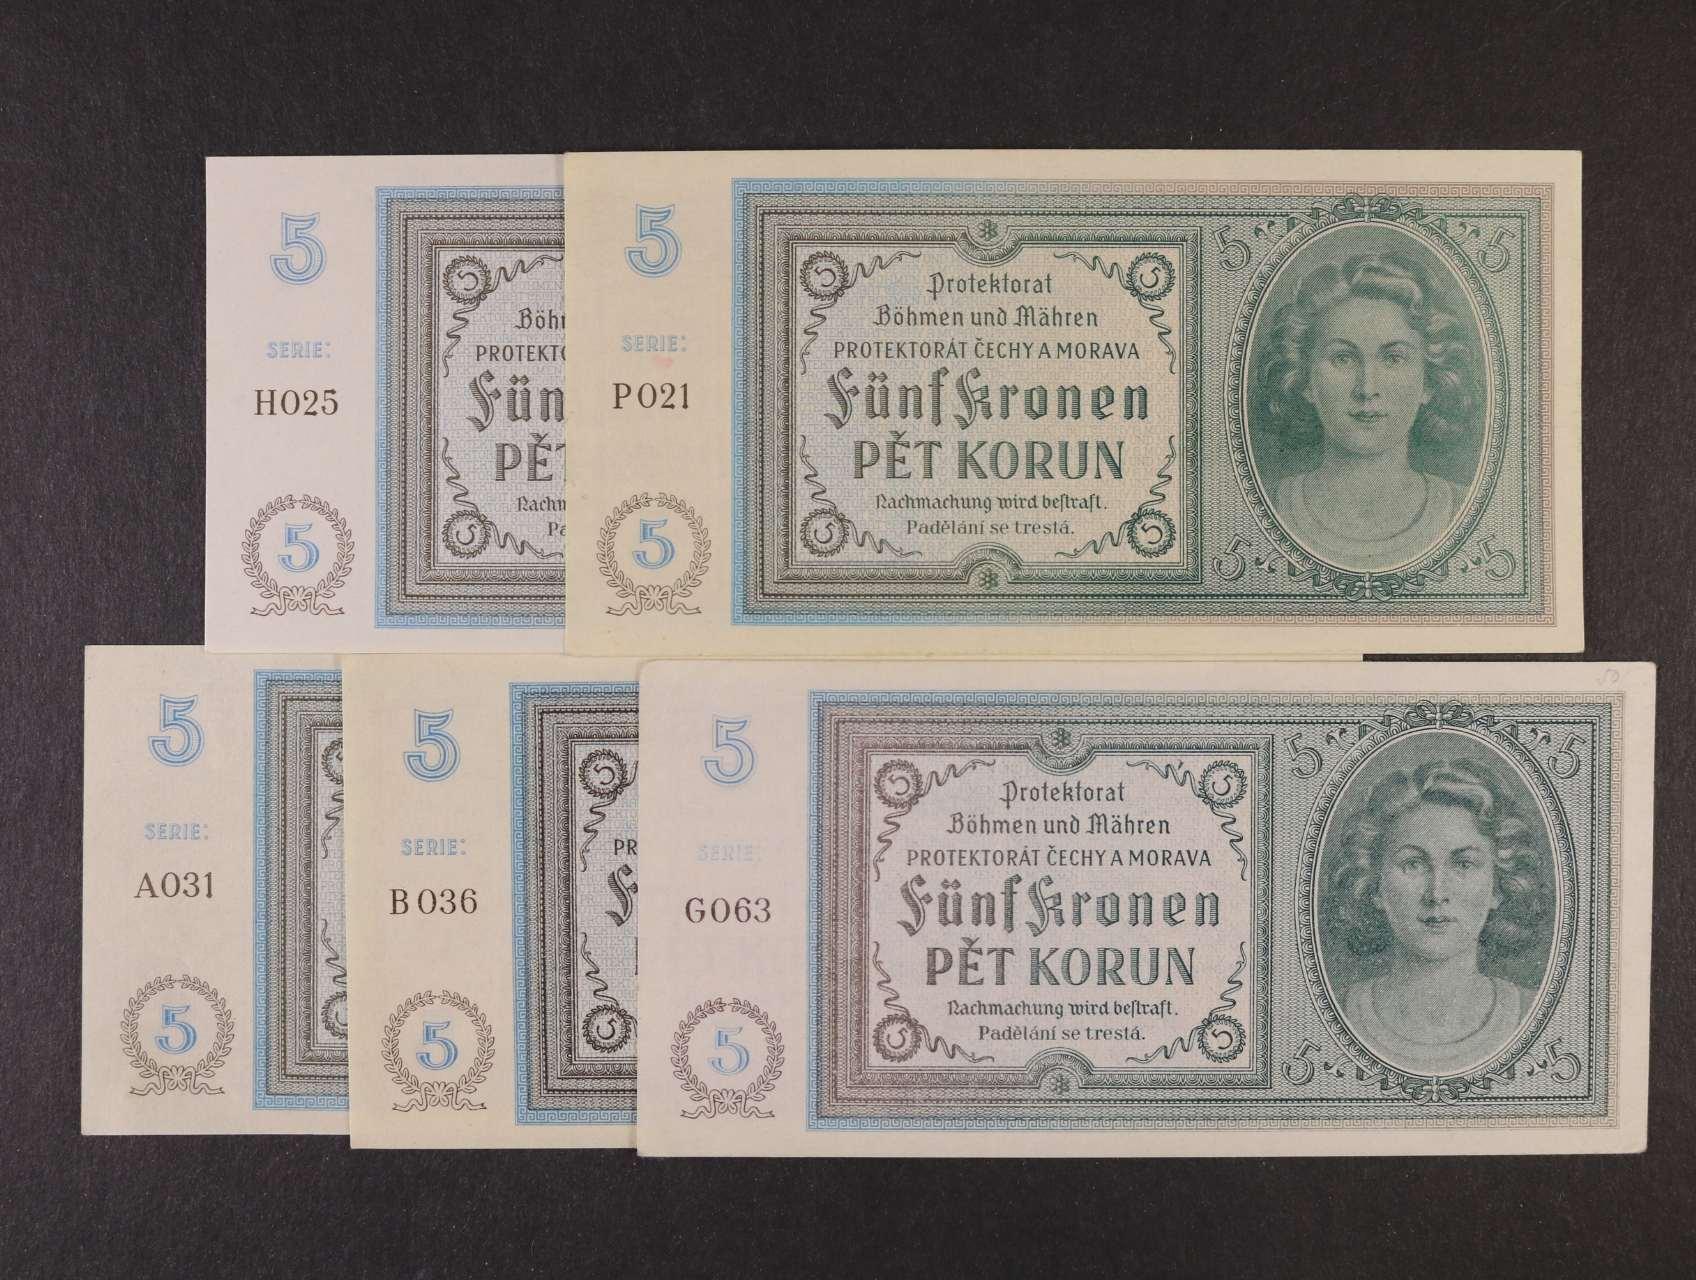 5 K 1940 série A 031, B 036, G 063, P 021, H 025, Ba. 31, Pi. 4a